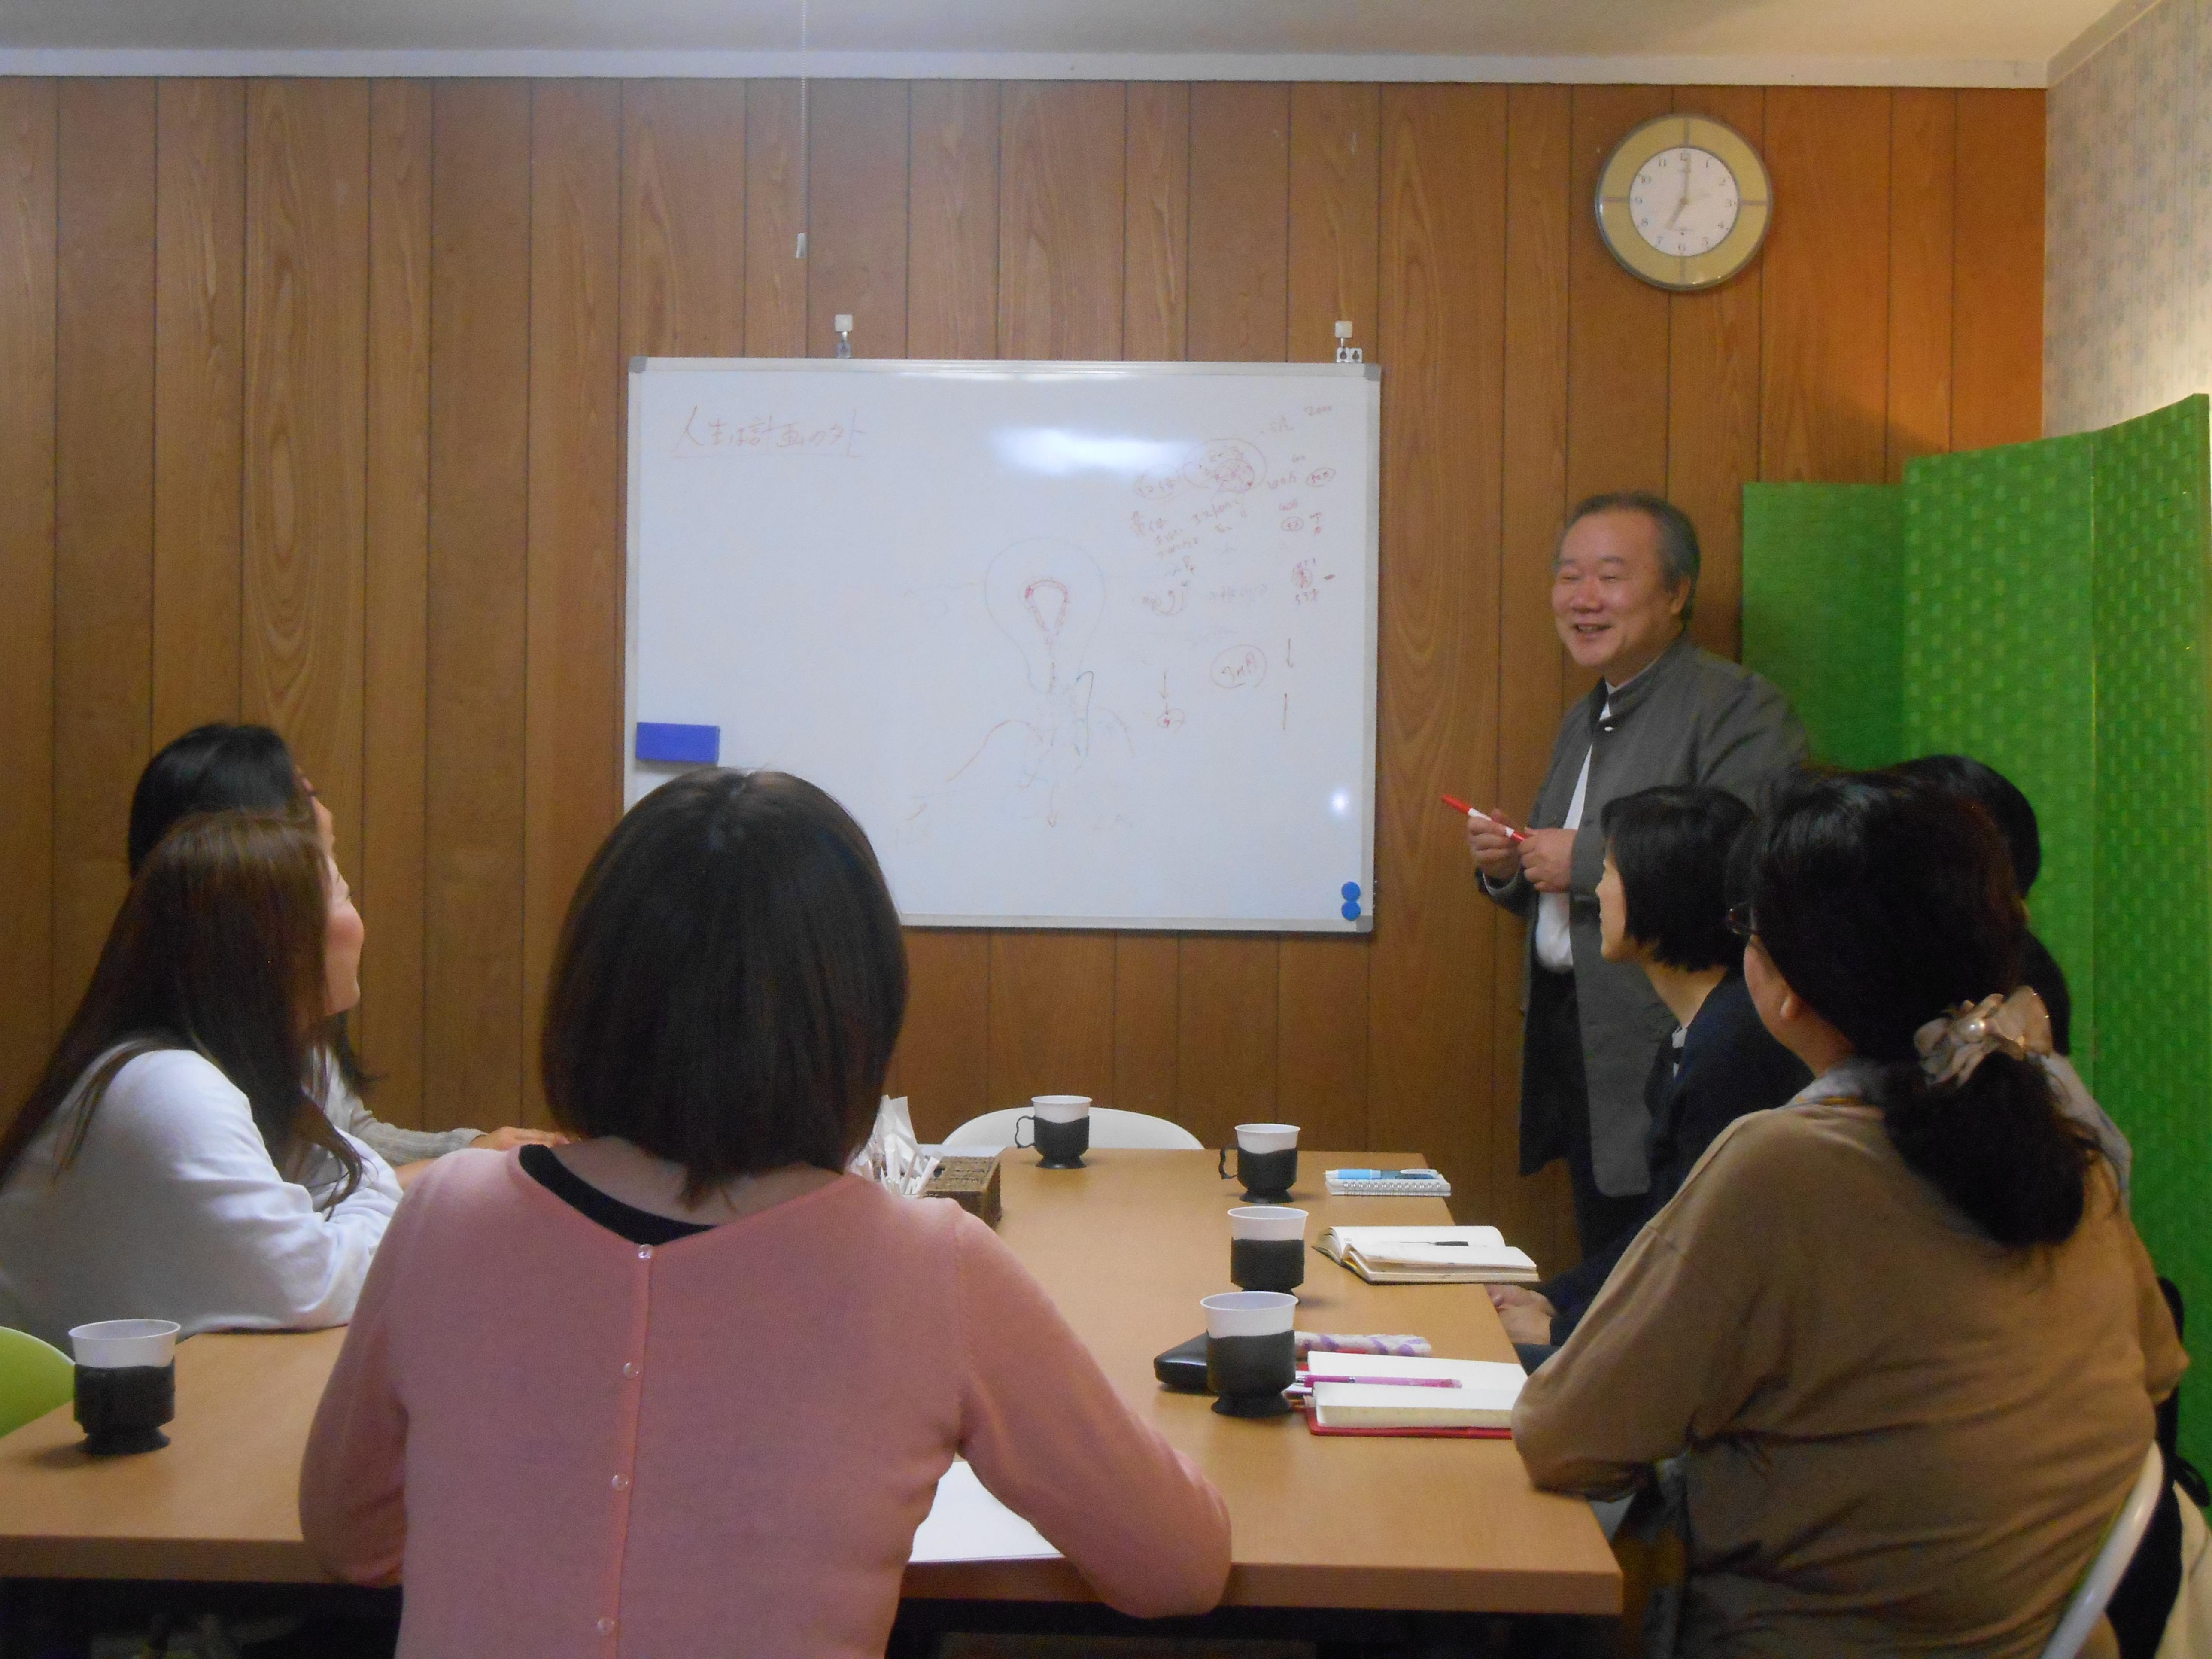 DSCN1172 - 愛の子育て塾14期第4講座